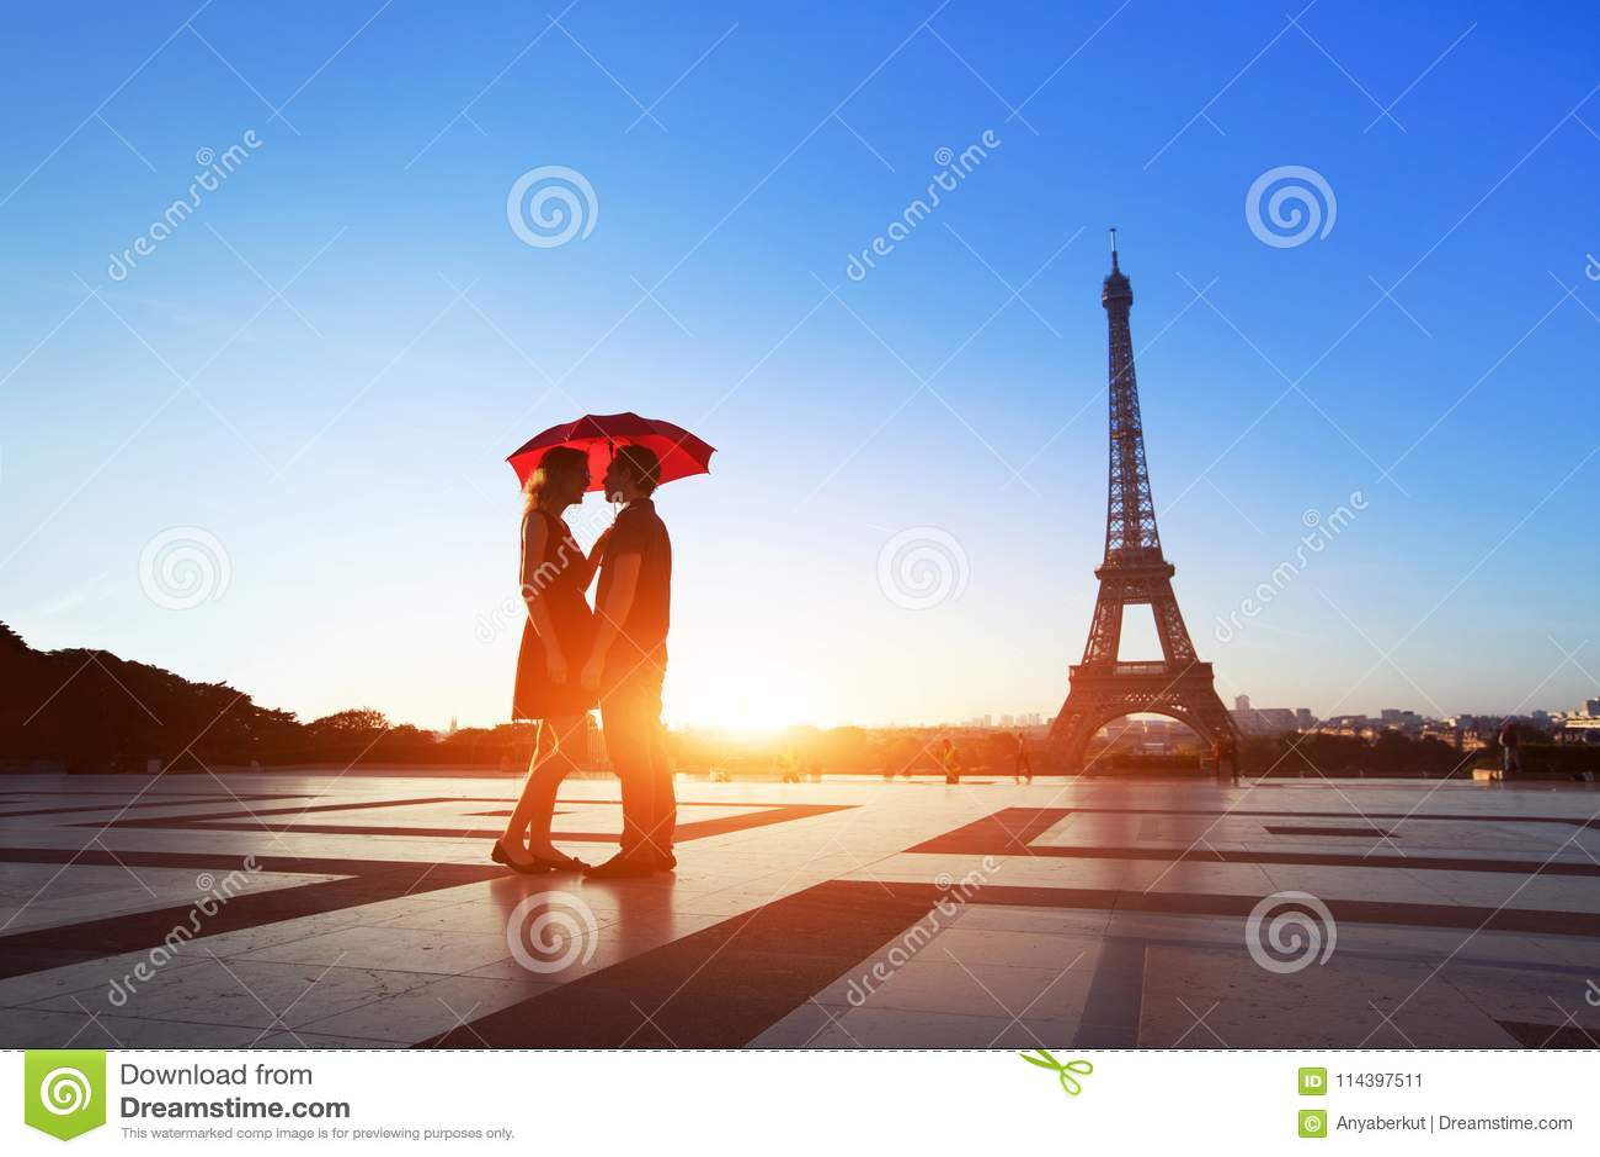 Romantyczna para w Paryż, mężczyzna i kobieta pod parasolową pobliską wieżą eifla,